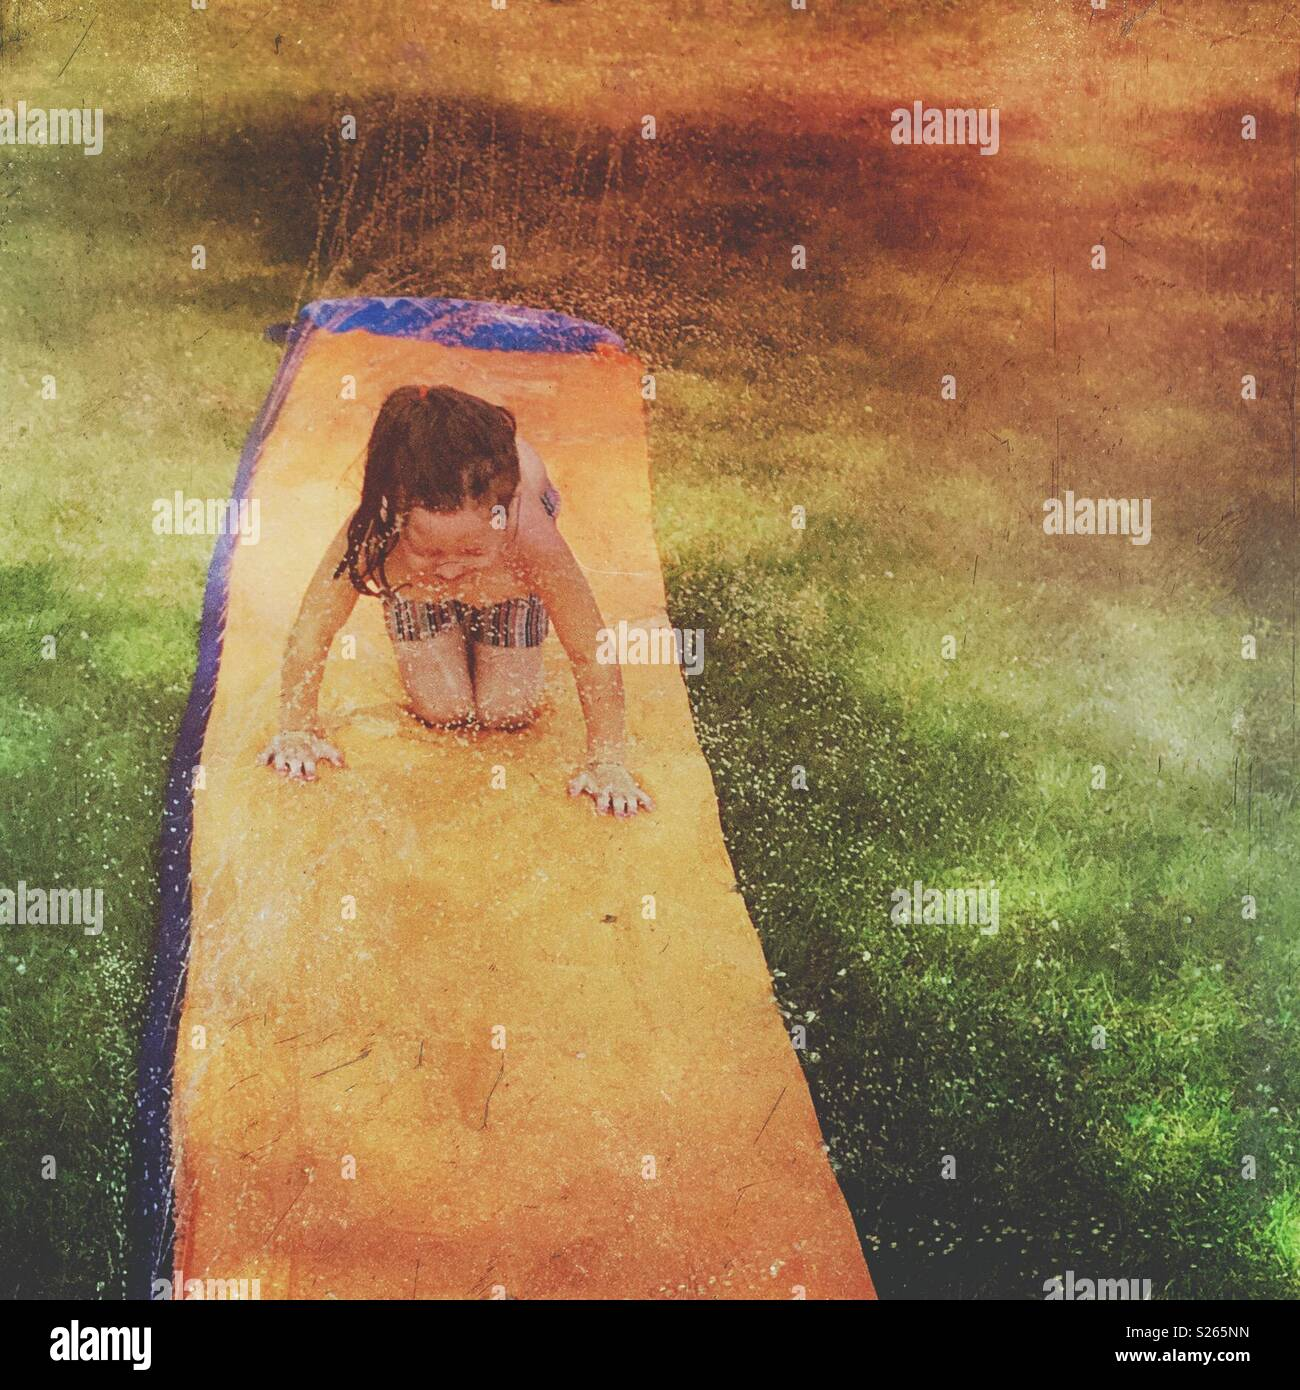 Petite fille jouant sur un glisser et glisser Photo Stock